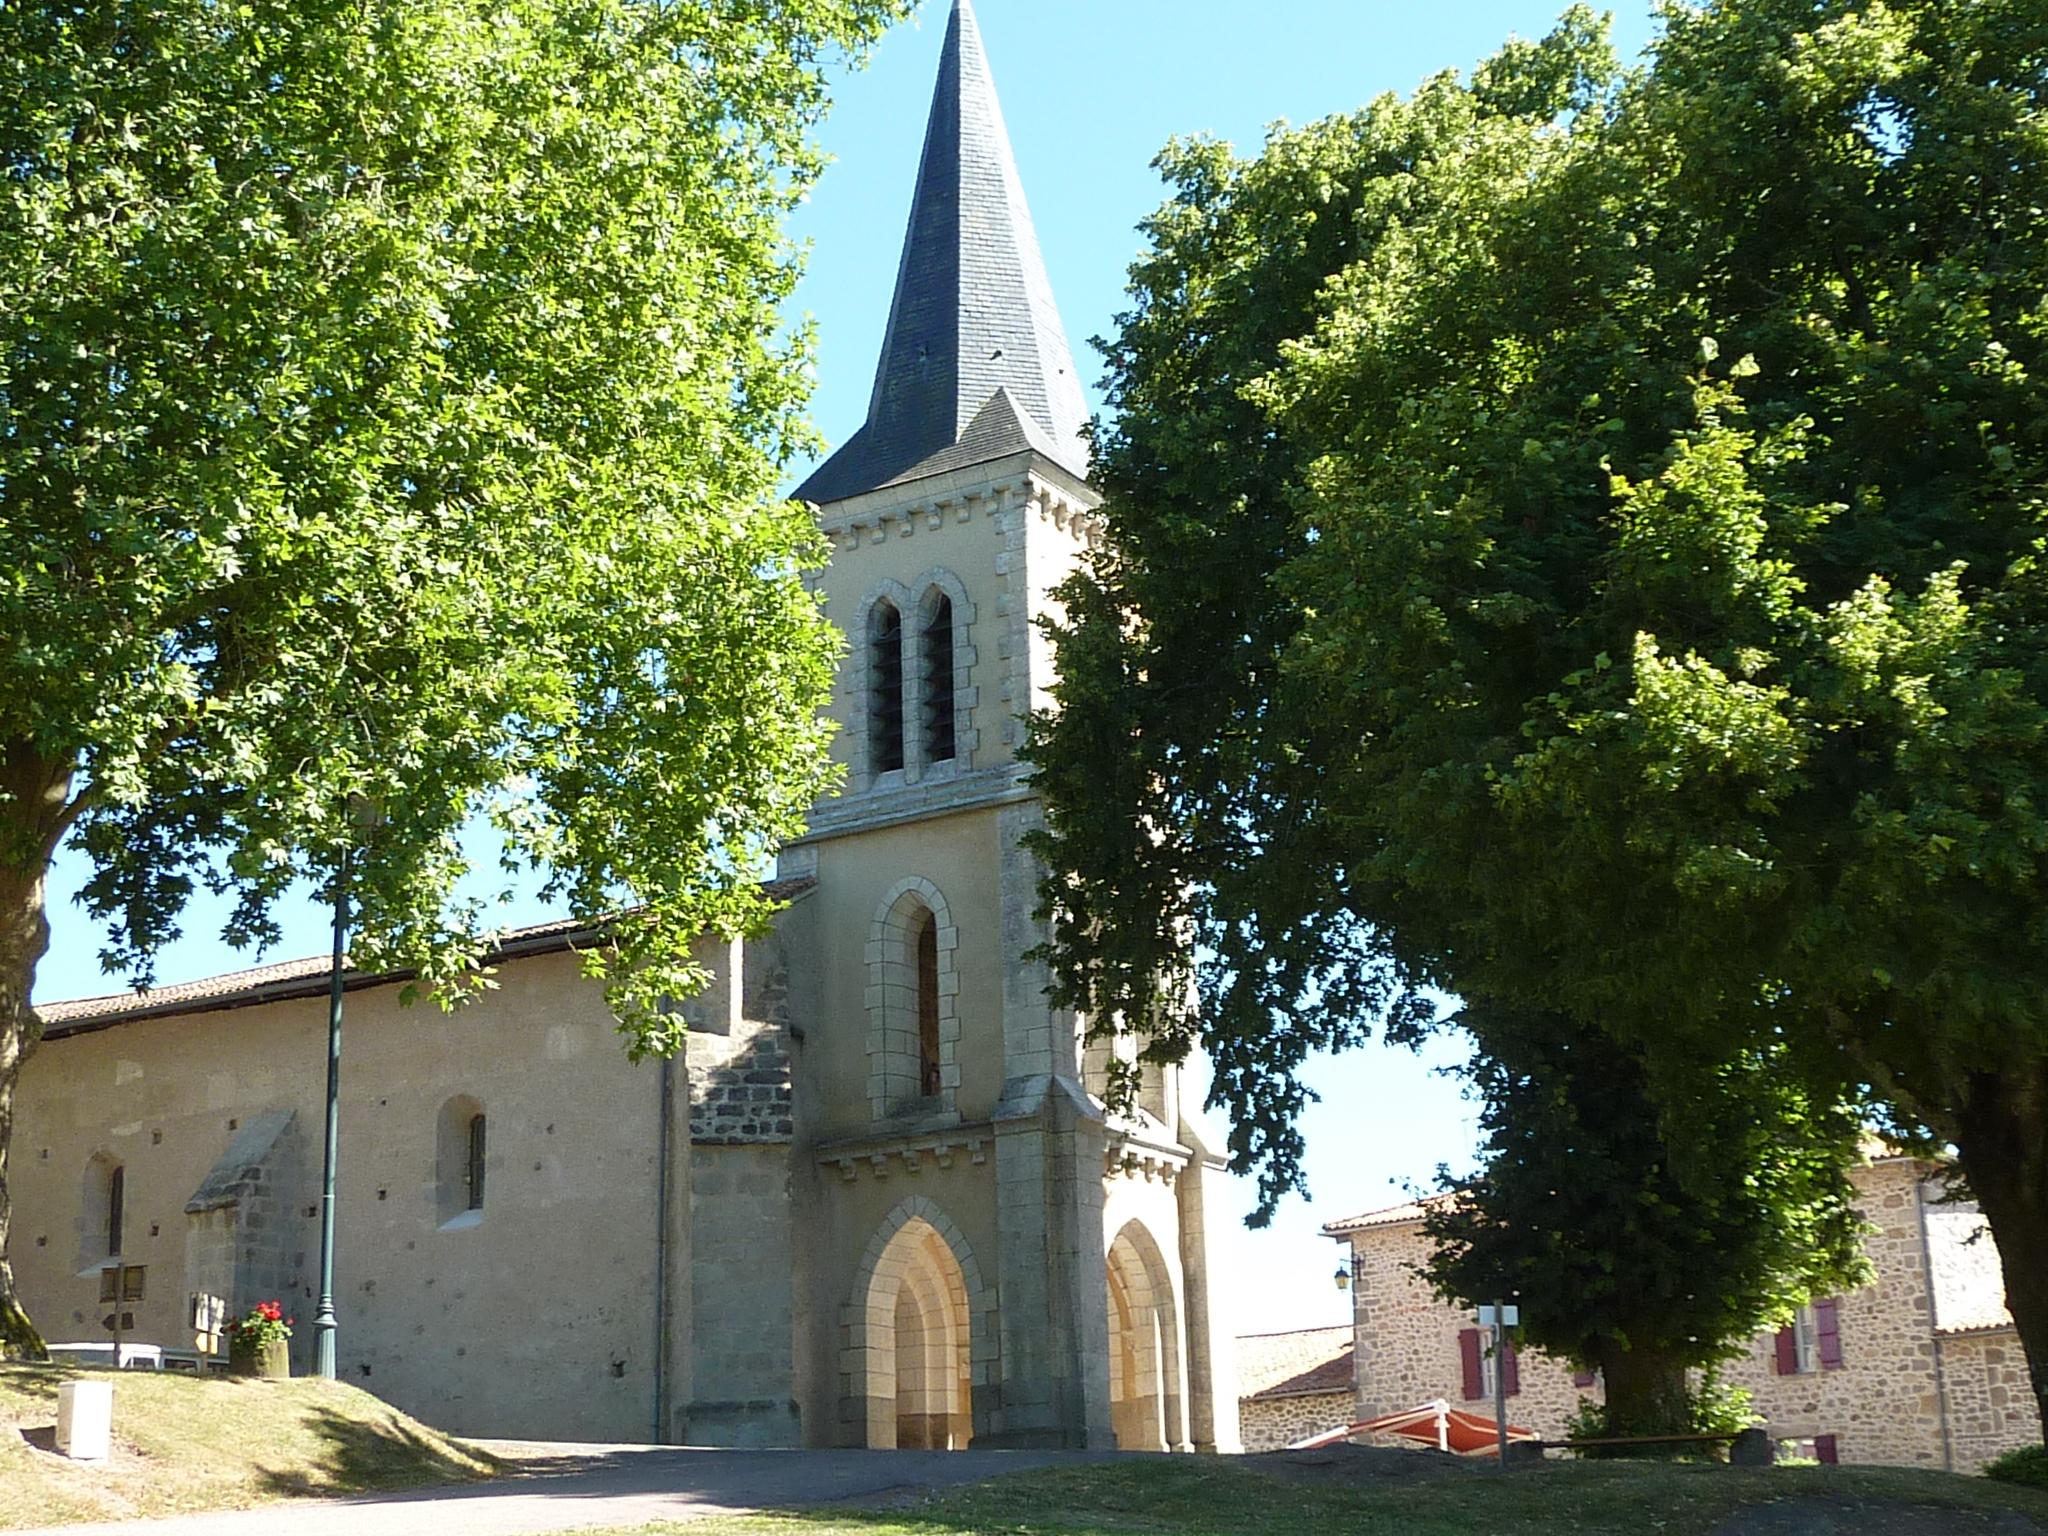 Saint-Barthélemy-de-Bussière